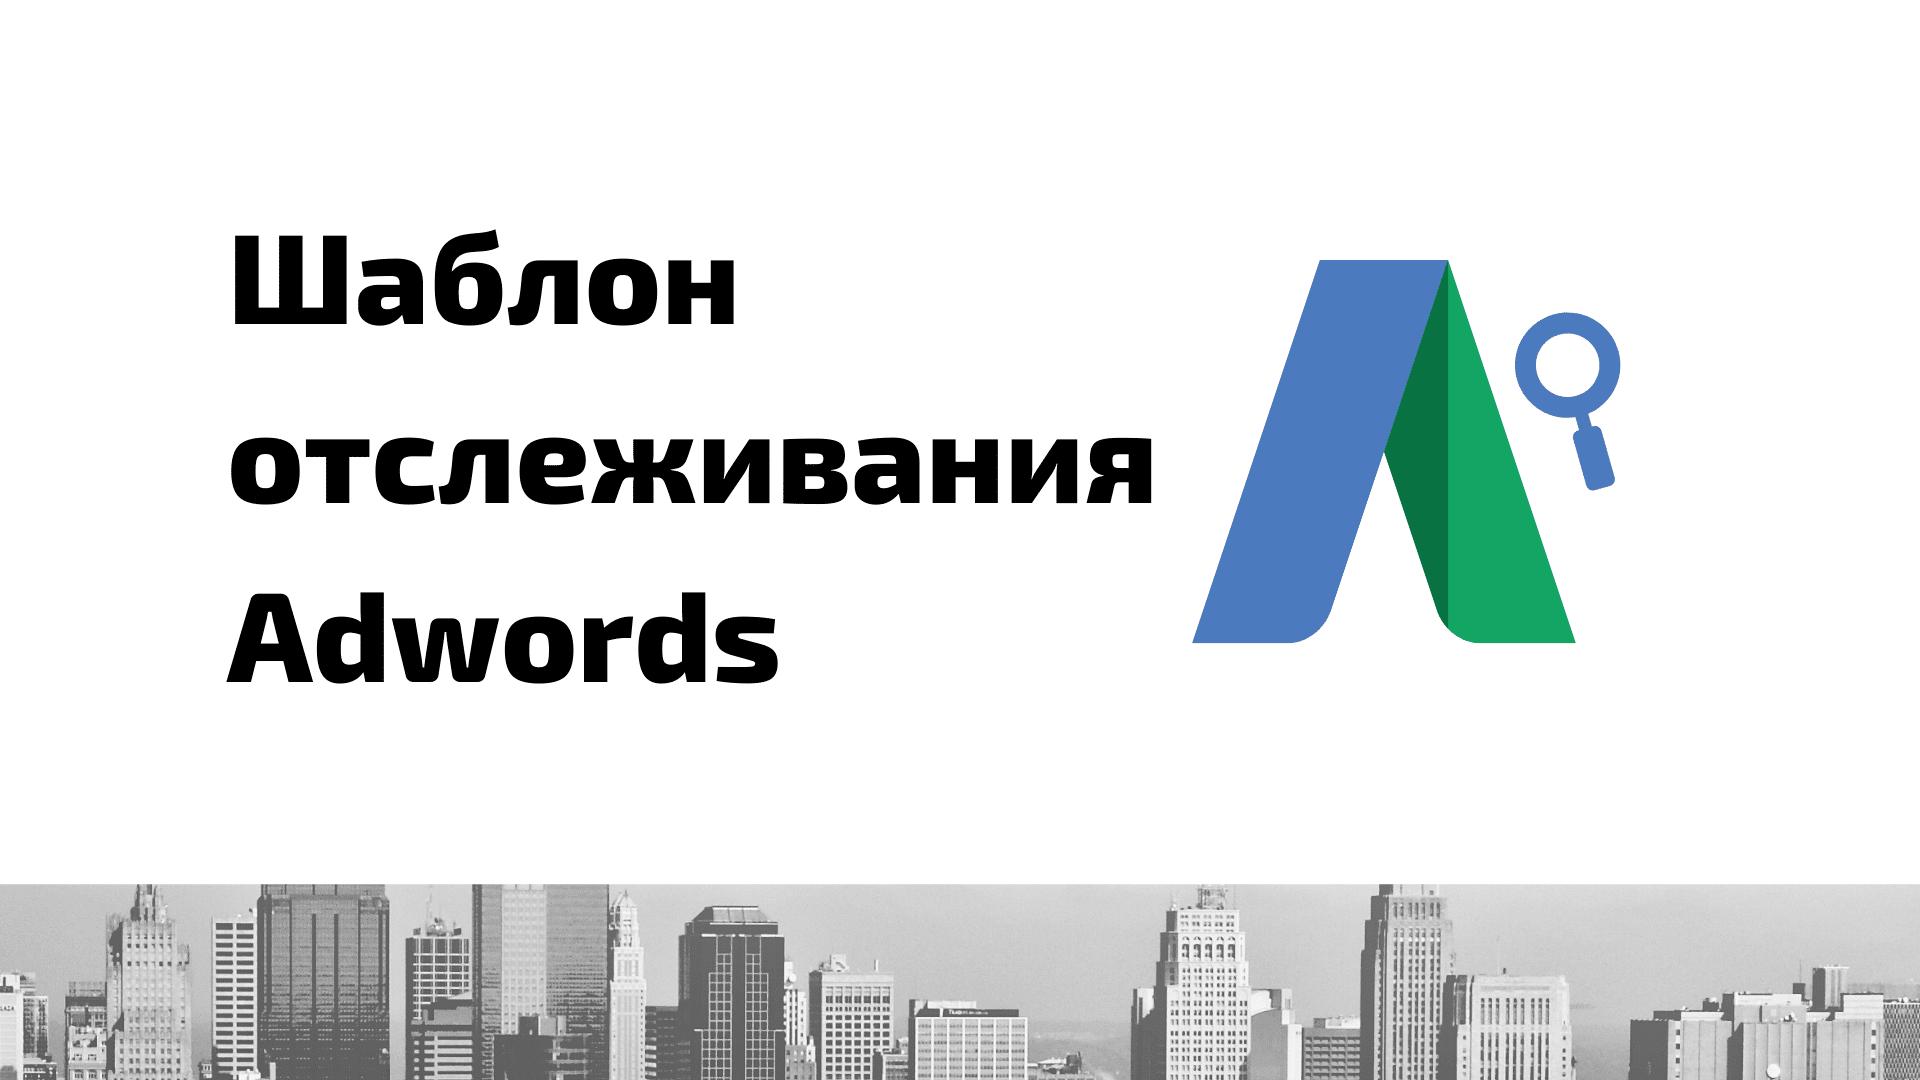 Шаблон отслеживания в Google Ads (AdWords): что это и как настроить